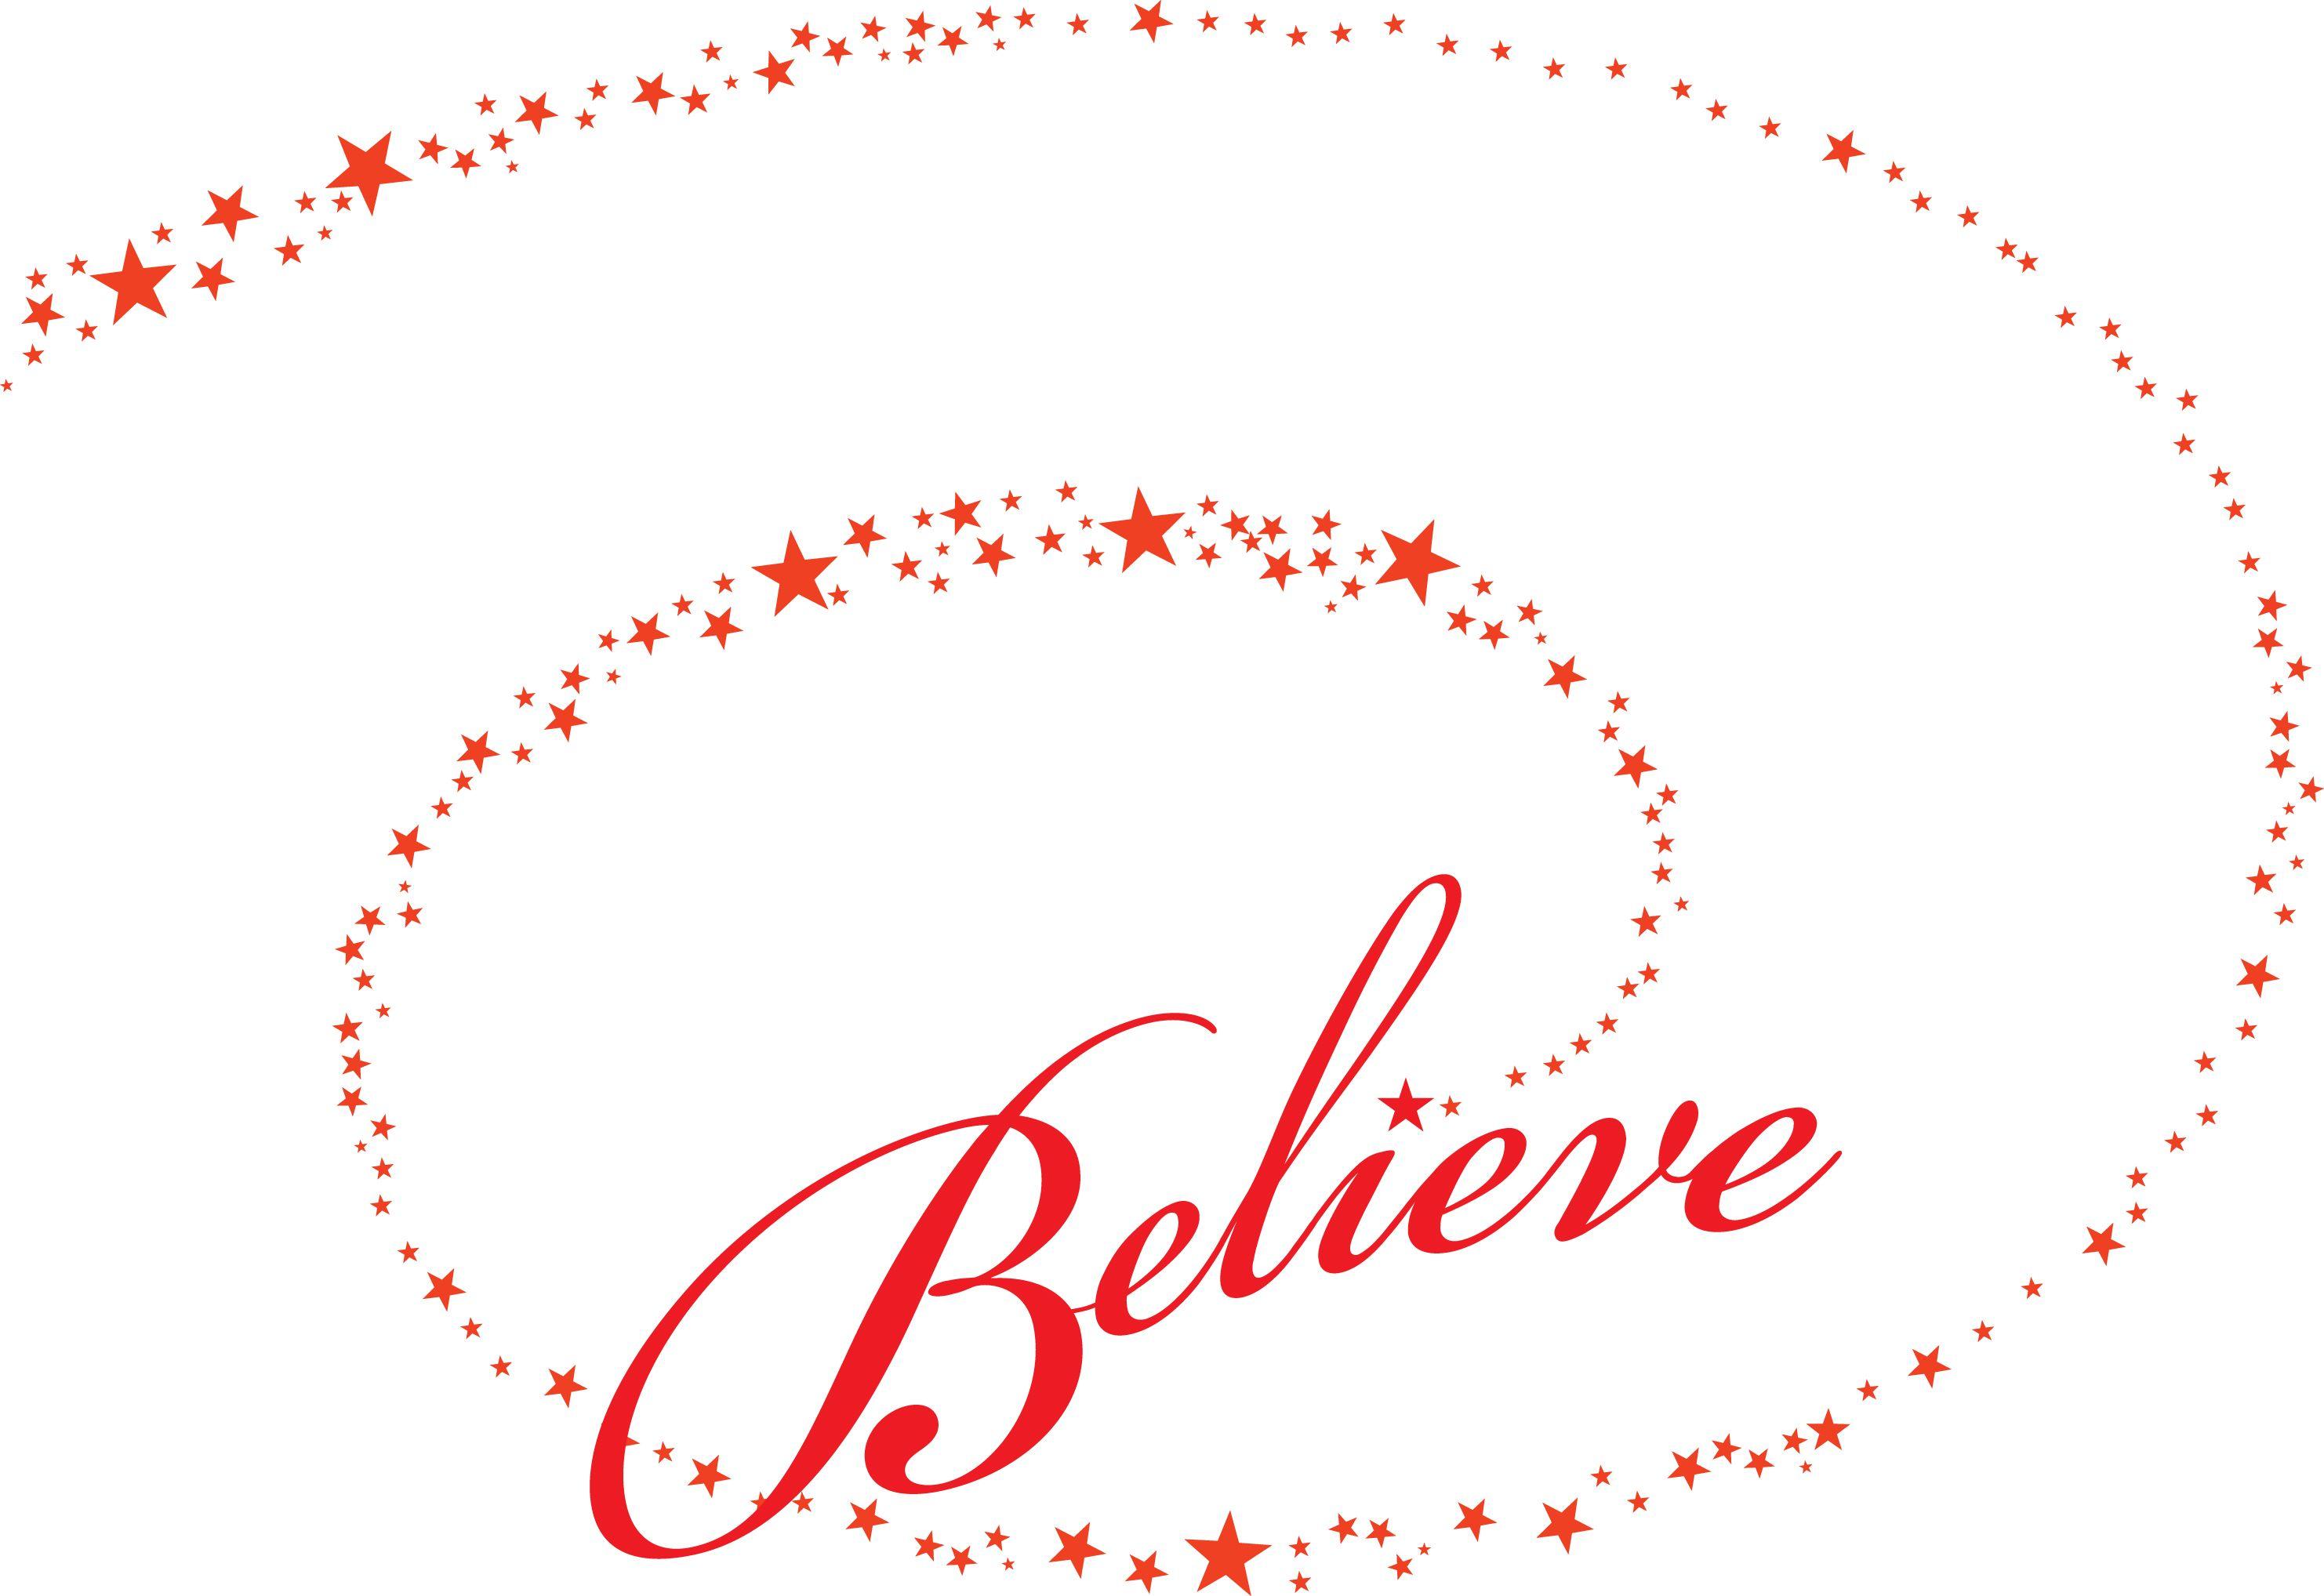 Believecurl_Logo.jpg (2964×2036)